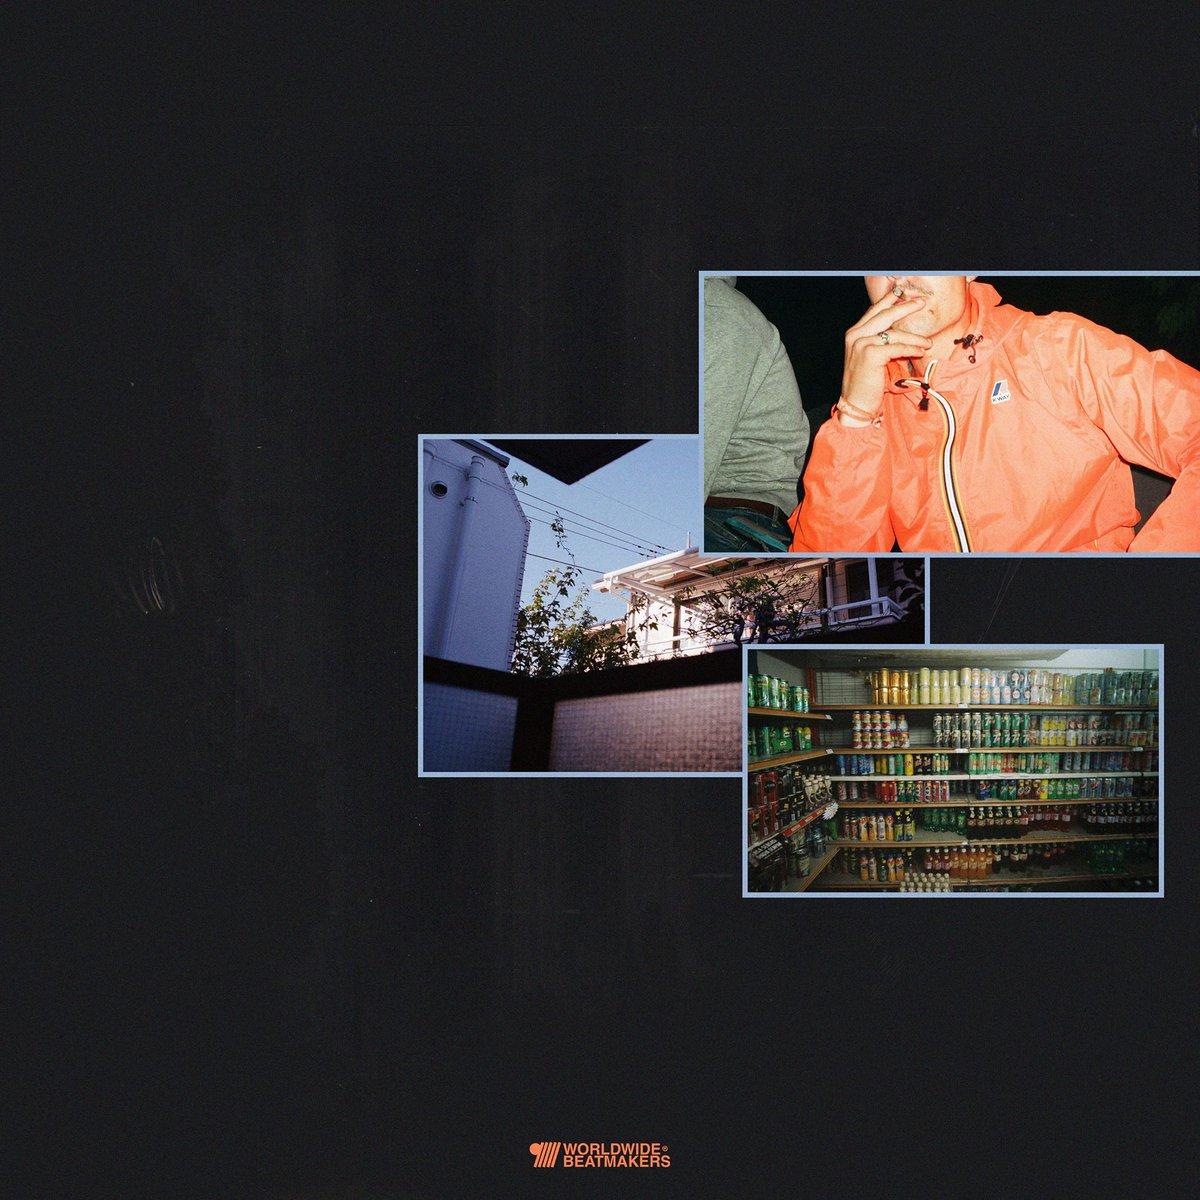 Gustav Gustav & Oliverlk new collaboration is here!  Listen: http://fanlink.to/focused-singlepic.twitter.com/6qmxjDttnL